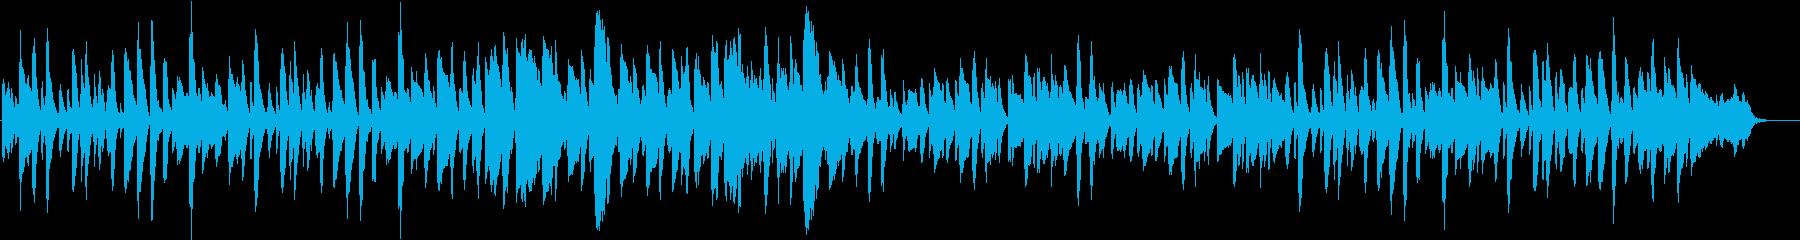 滑らか ジャズ くつろぐ 楽しい ピアノの再生済みの波形